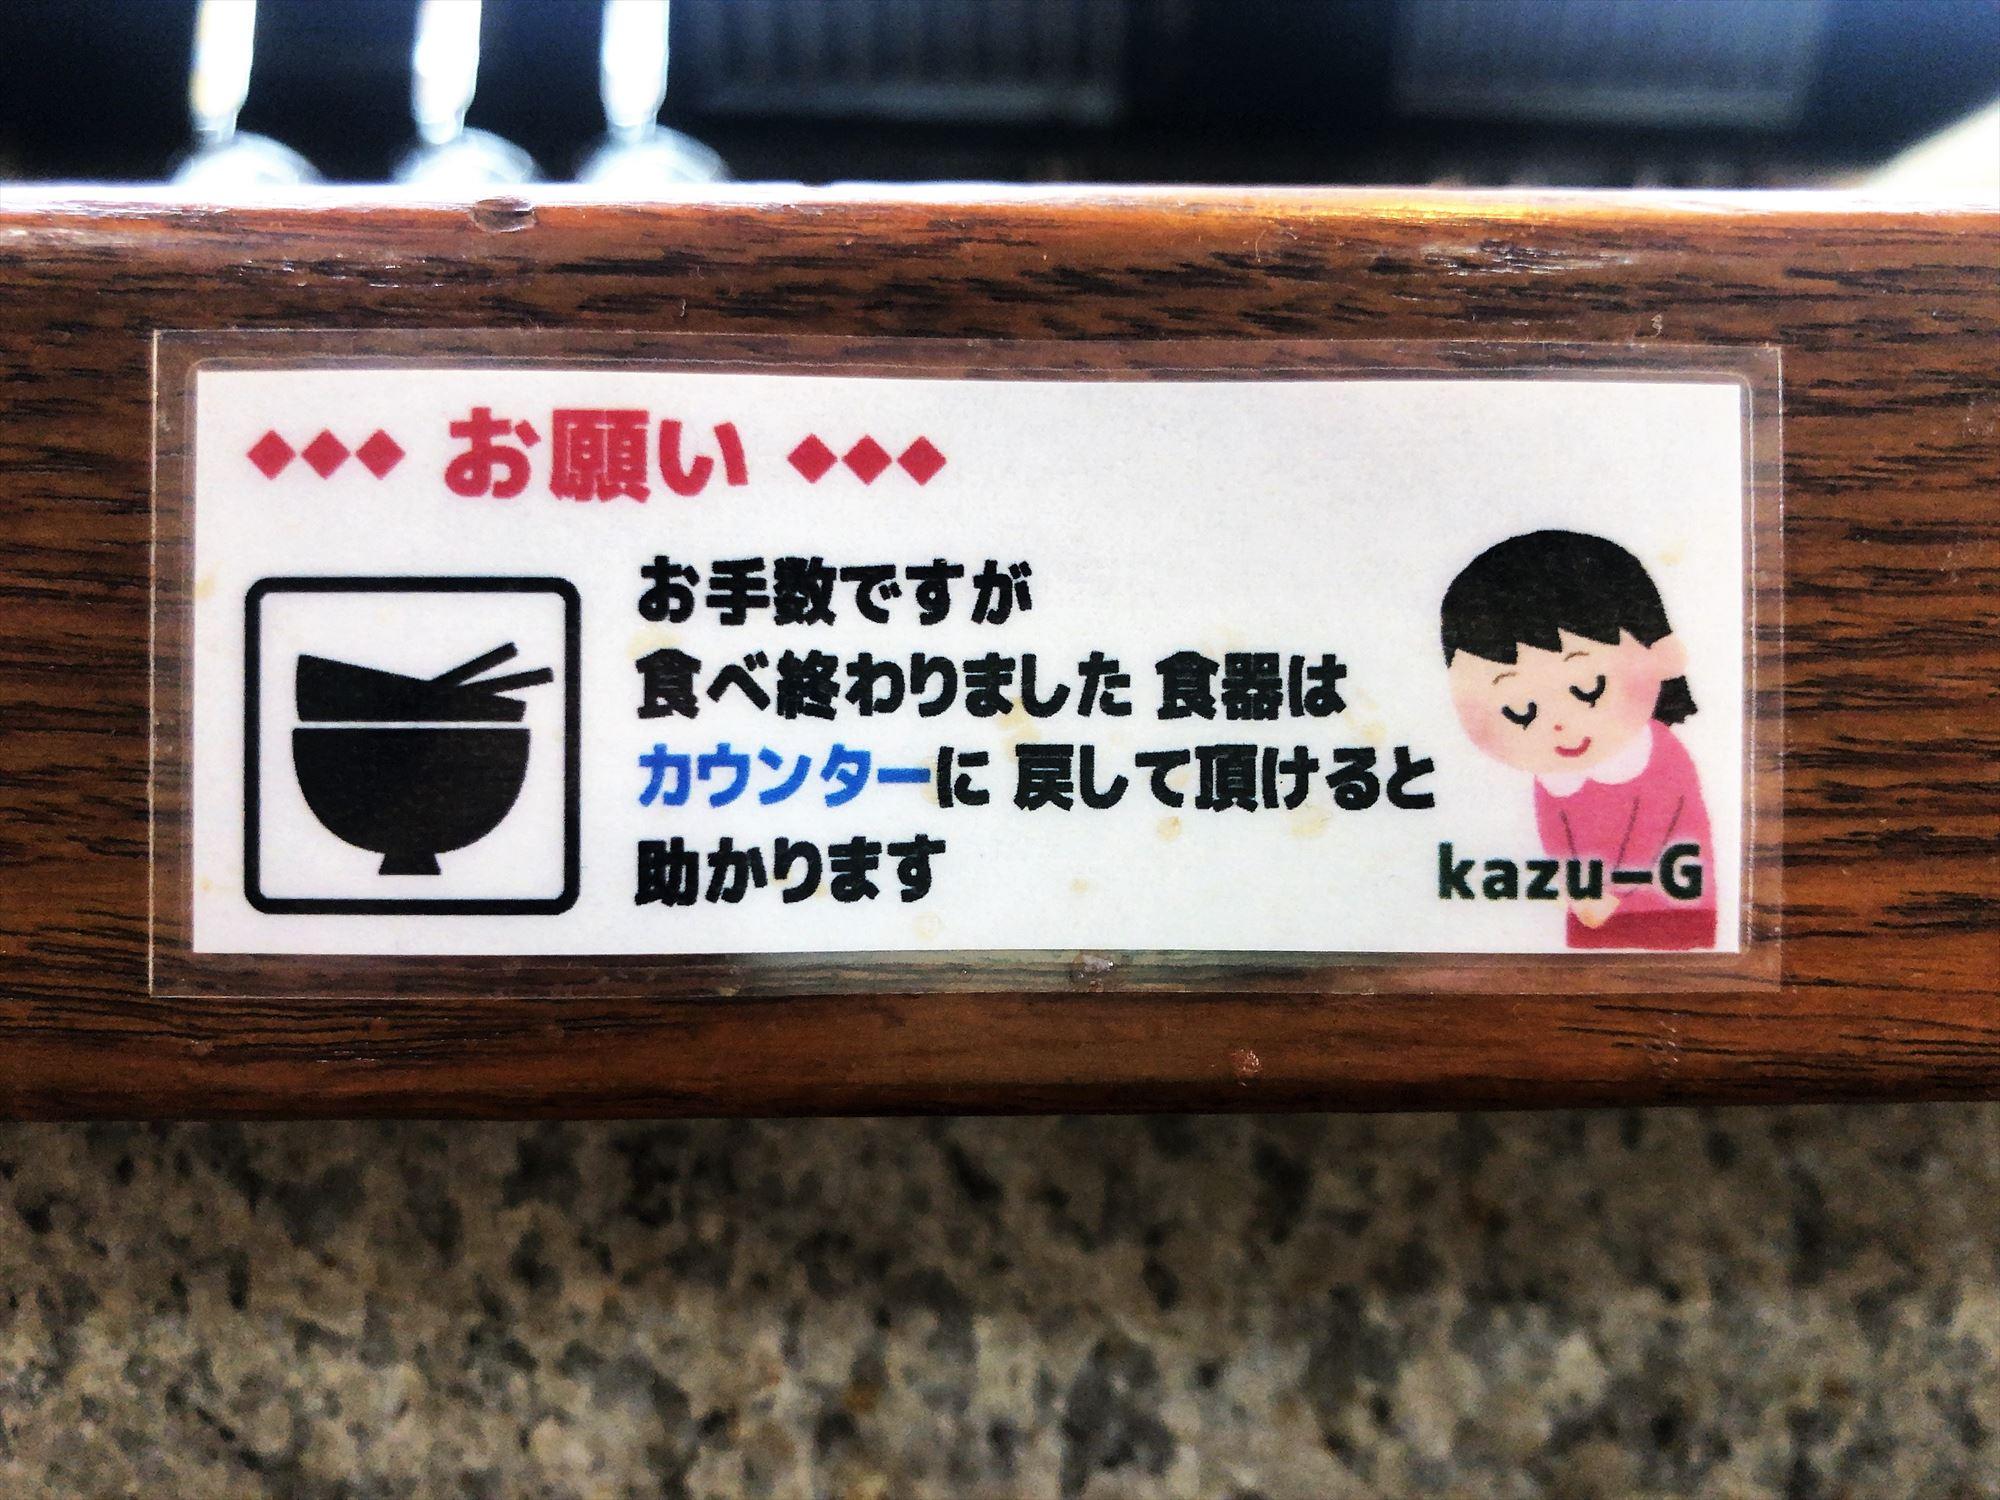 麺屋 KAZU-Gの案内